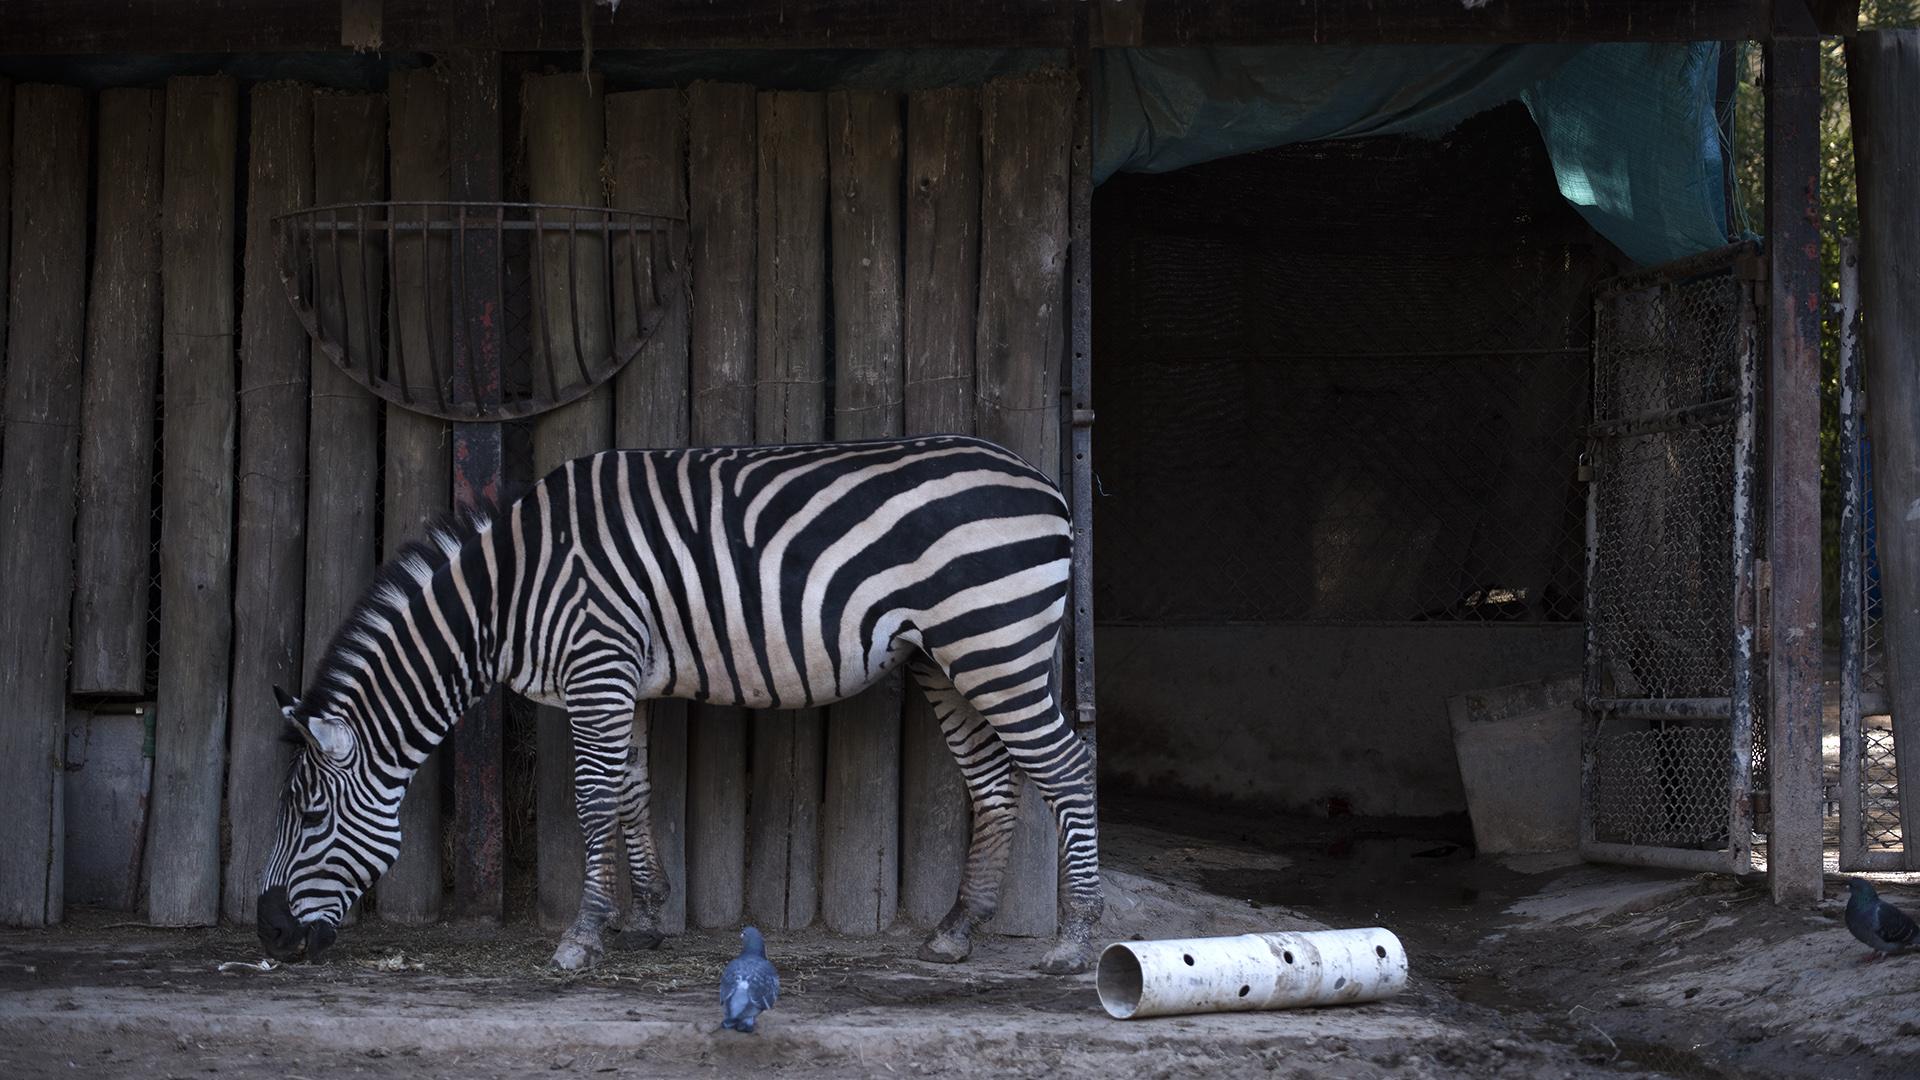 Cebra macho. Vive solo, pero trabó amistad con una de las jirafas vecinas. (Adrián Escandar)